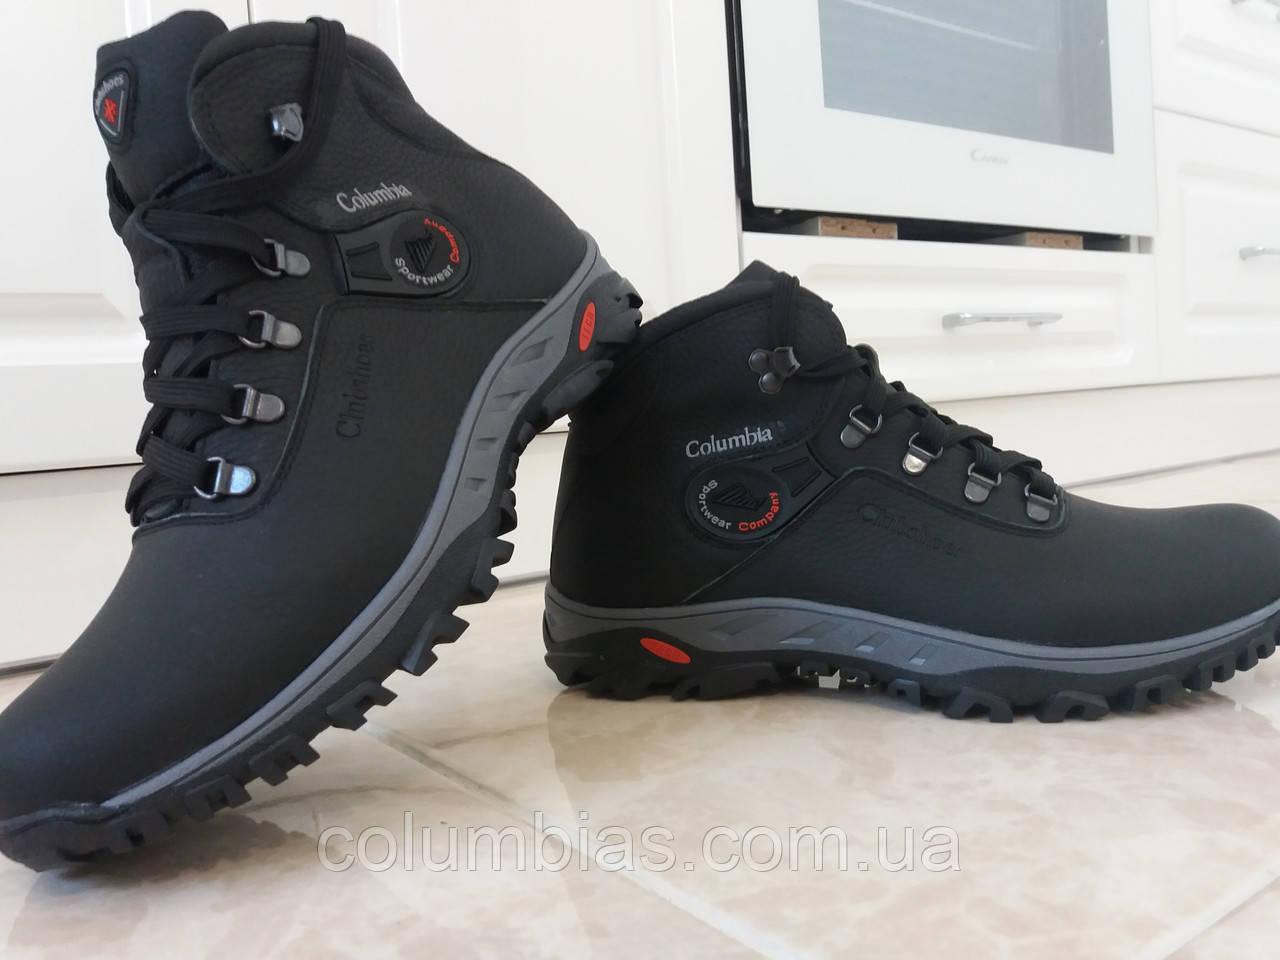 Акция! Зимние ботинки Collumbia